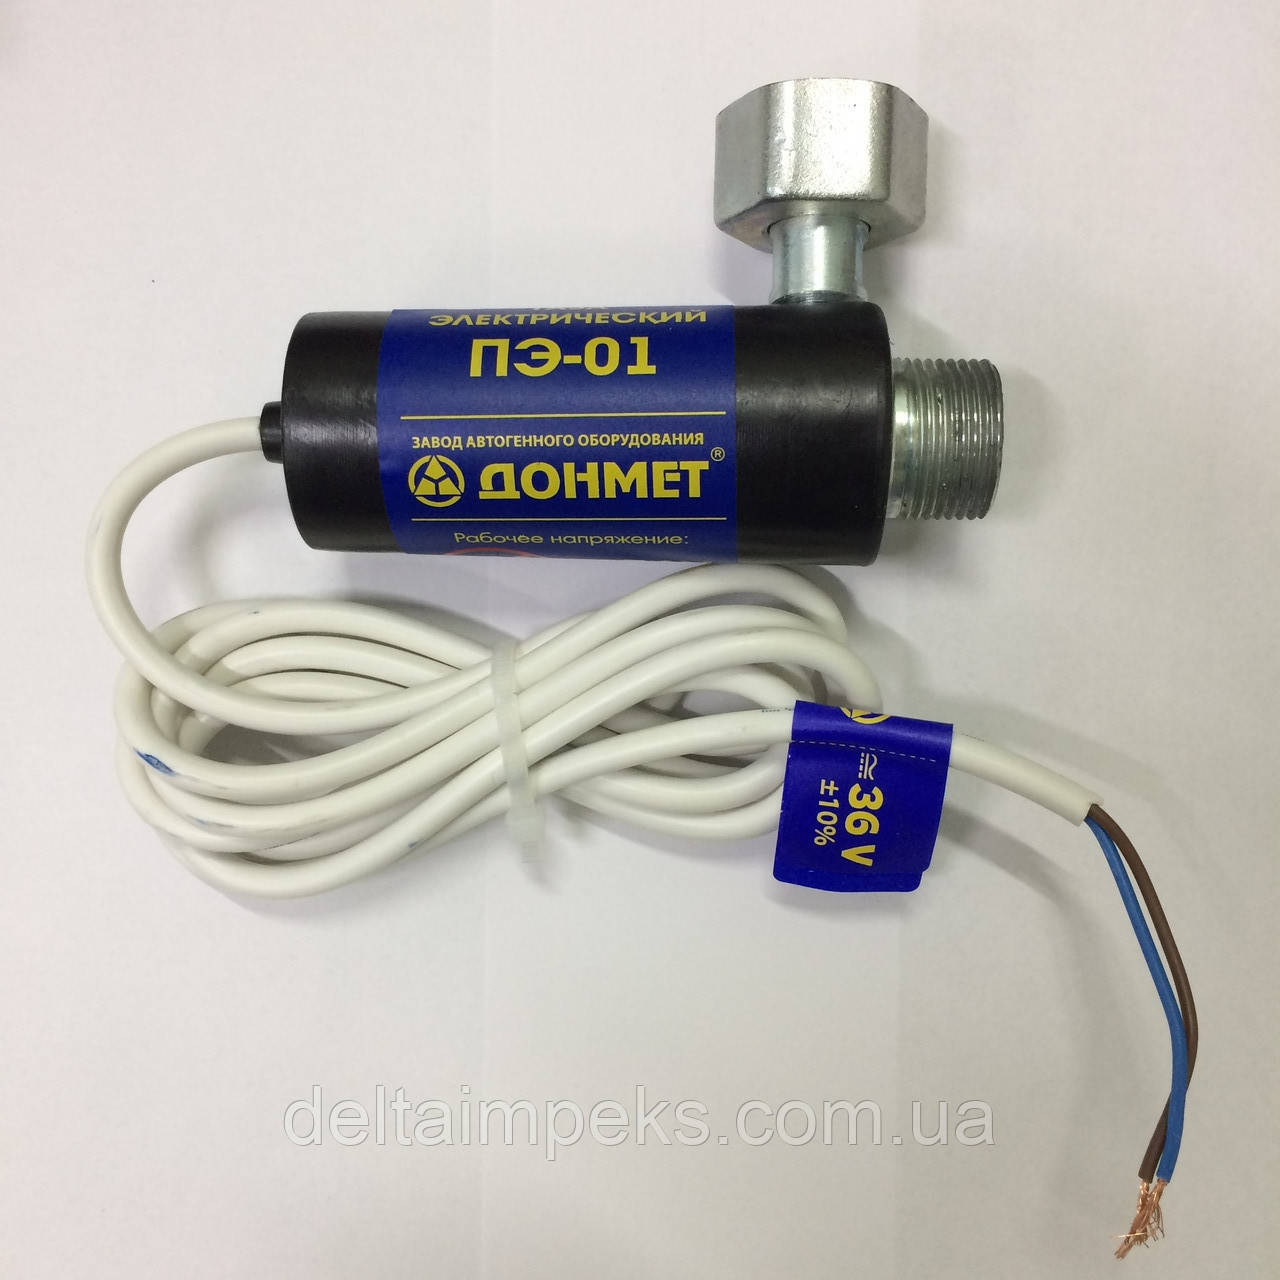 Подогреватель углекислого газа, ПЭ-01ДМ